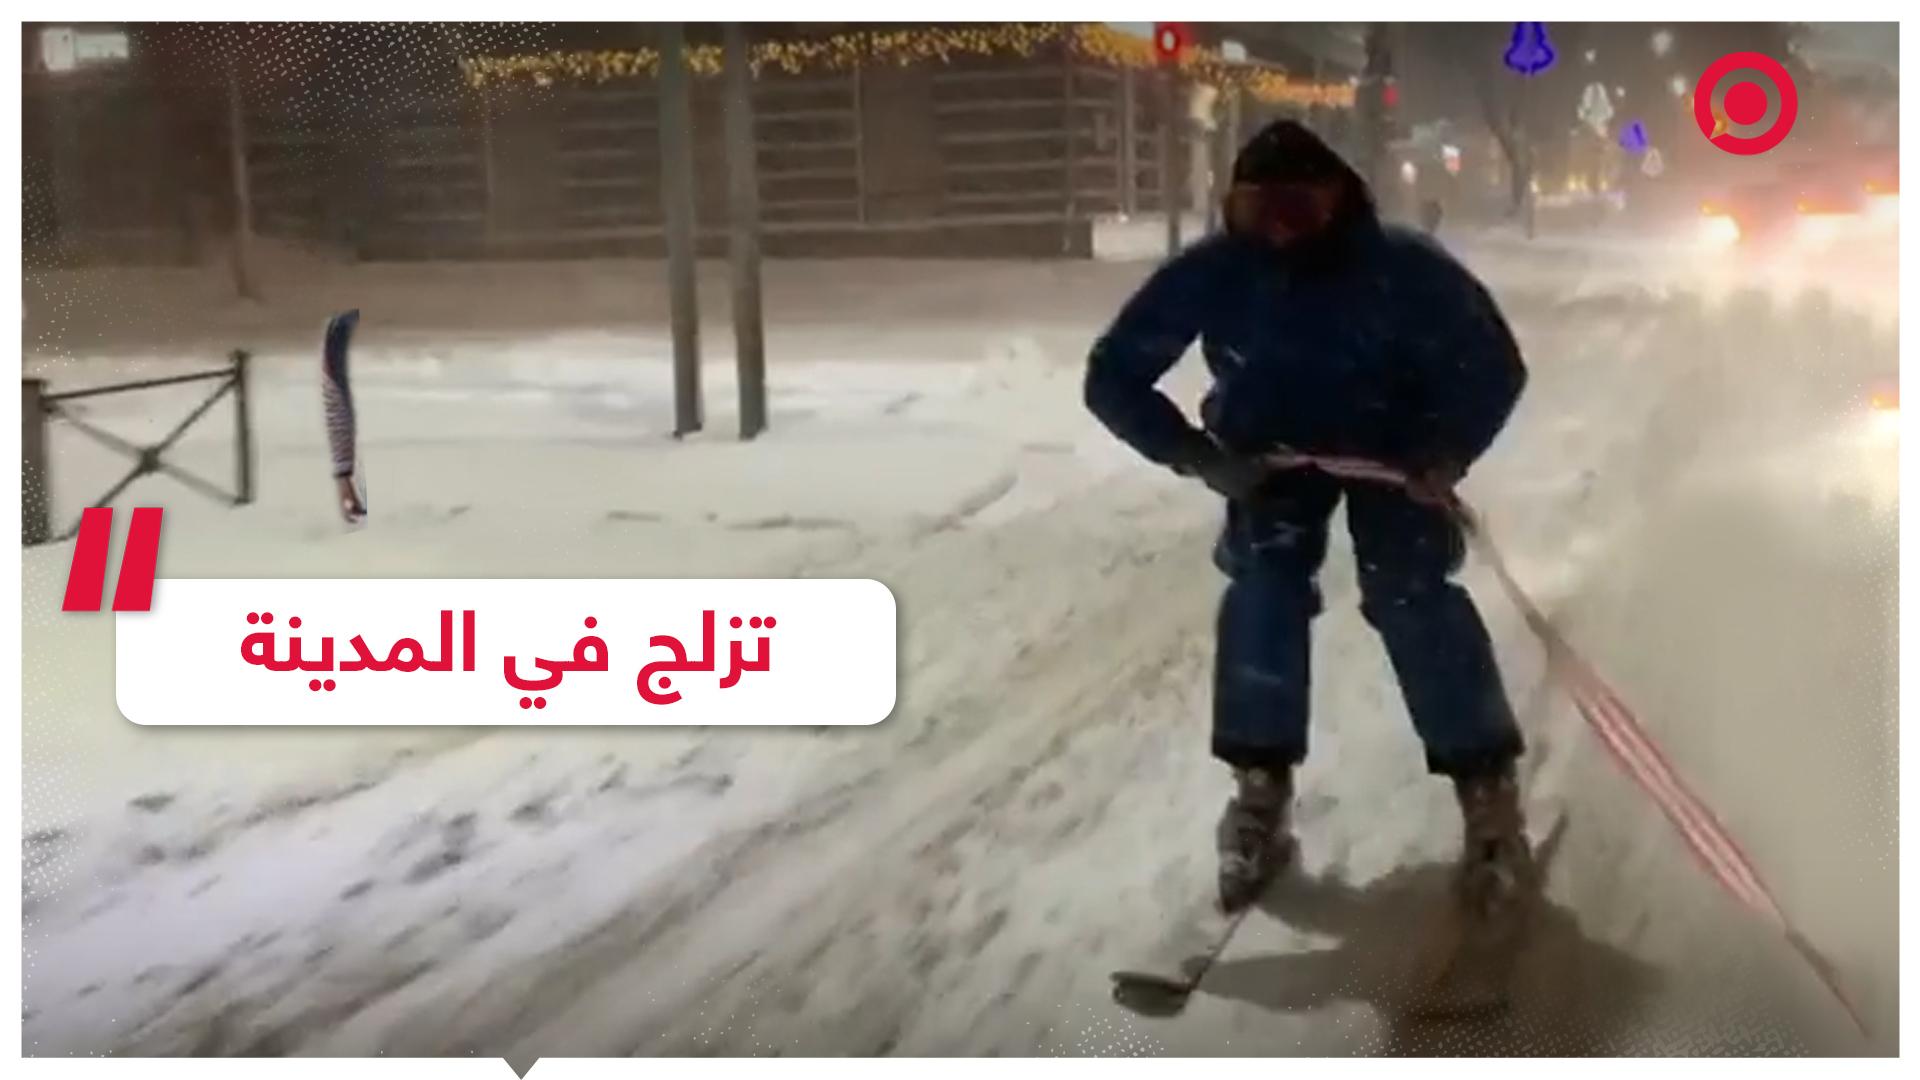 تزلج في المدينة